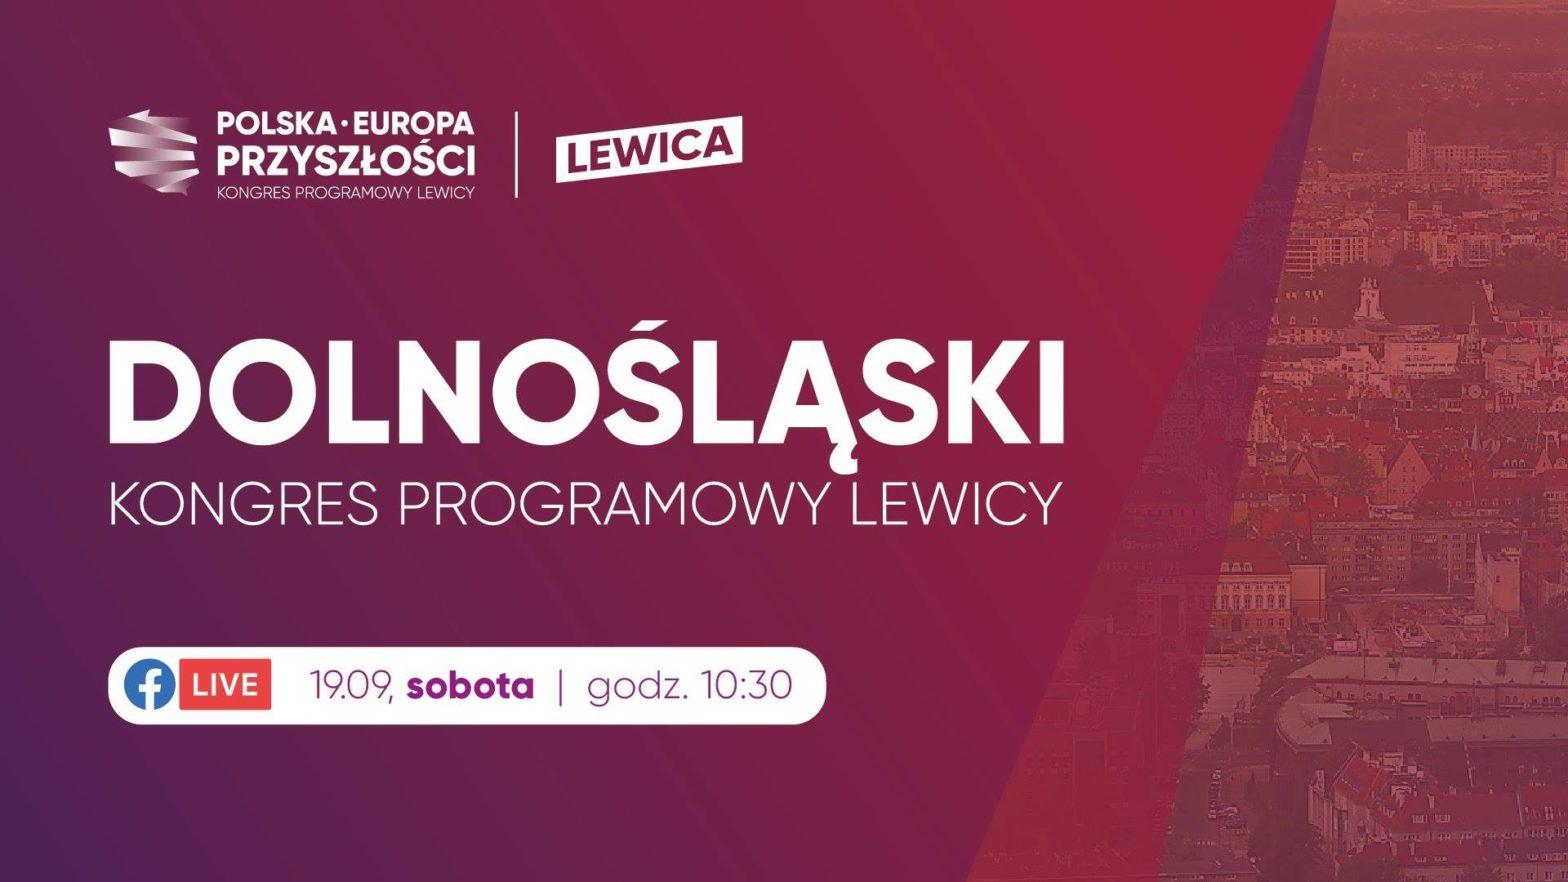 Halo, Wrocław, słyszymy się? ;) Stolica Dolnego Śląska to pierwszy przystanek na mapie regionalnych konwencji Lewicy  Ju